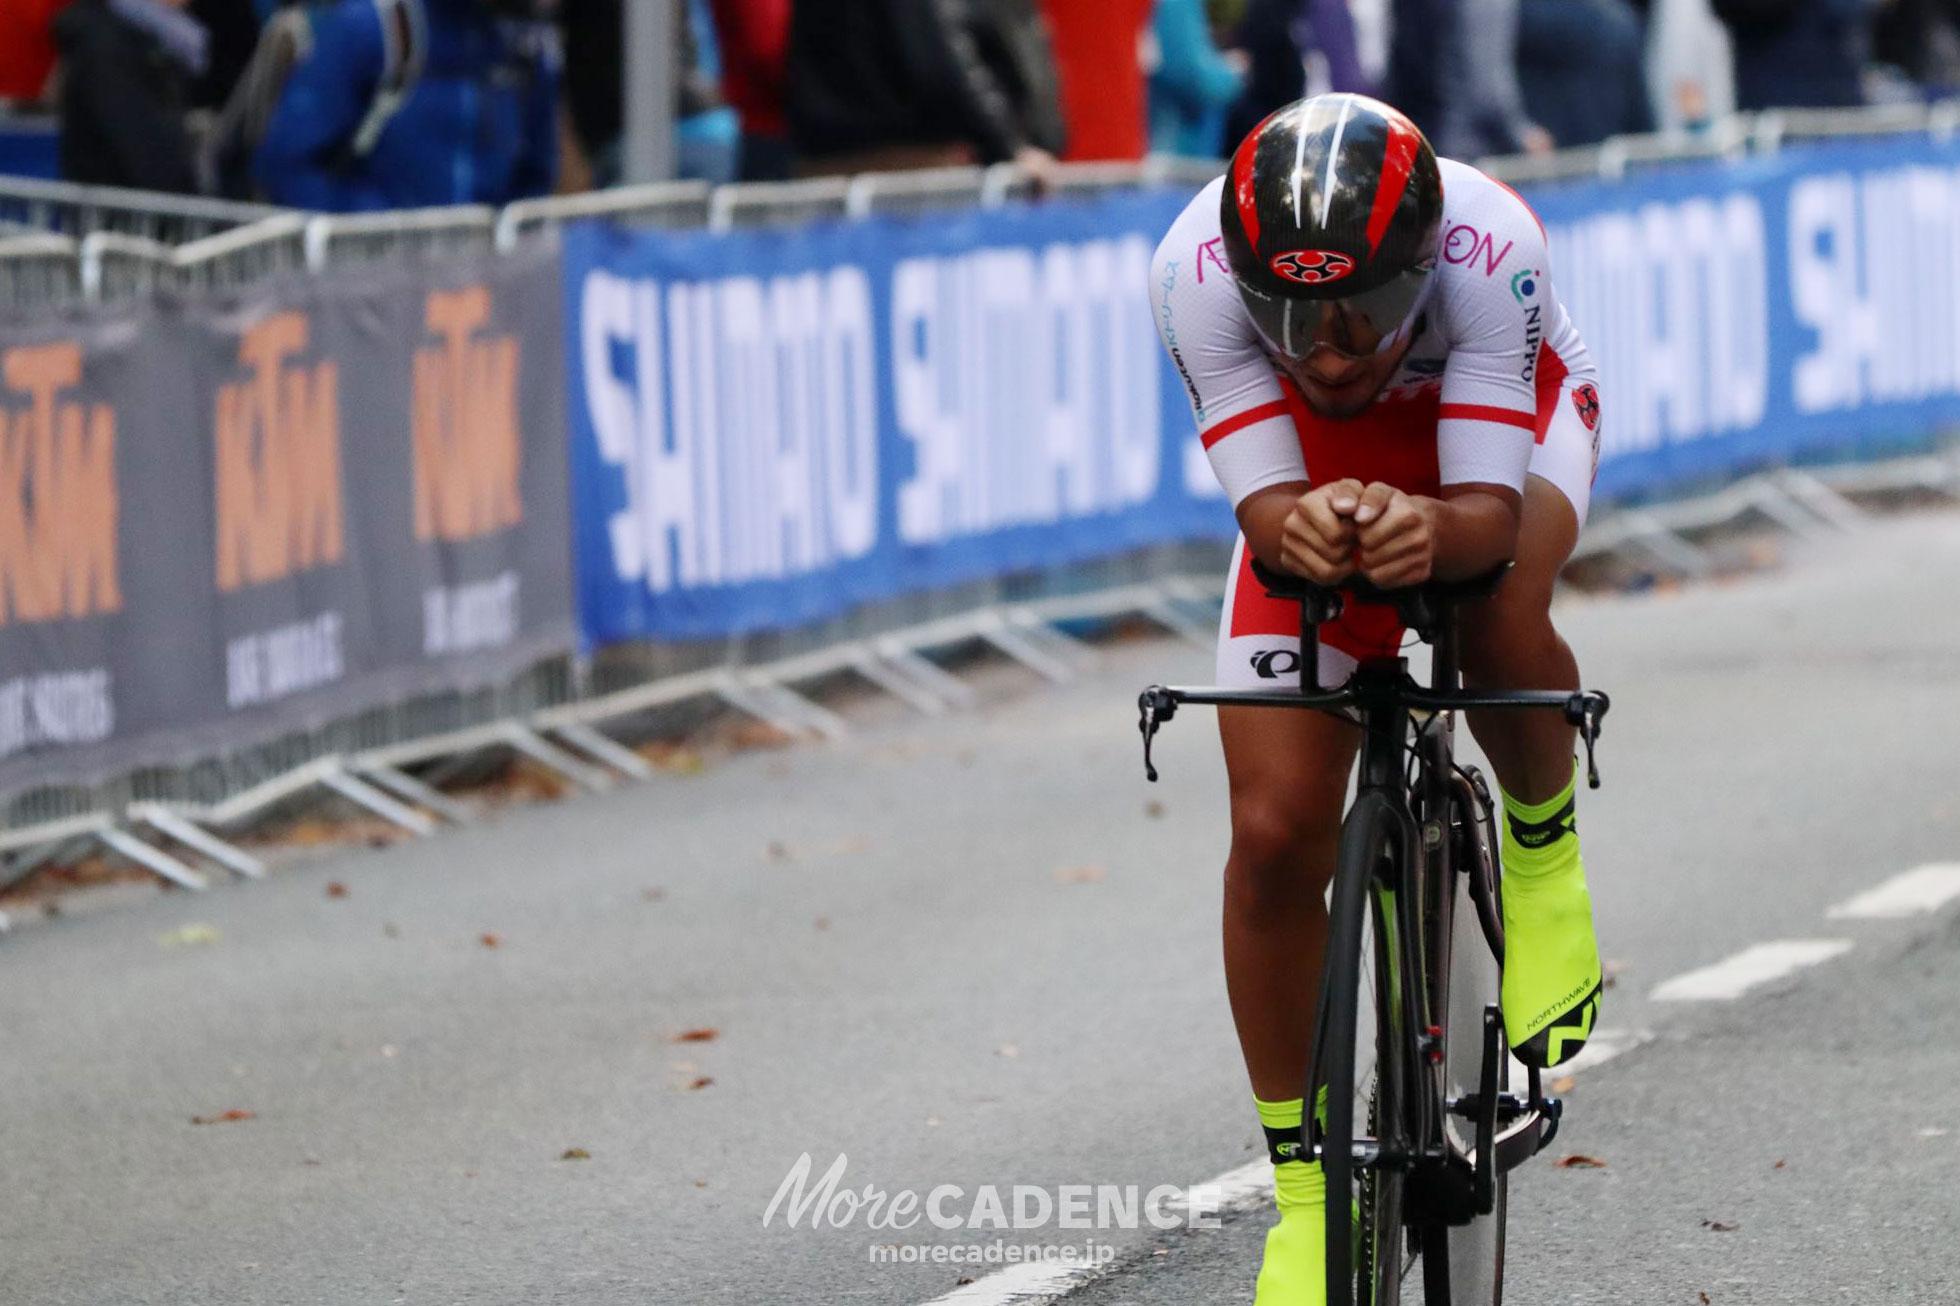 2018ロード世界選手権男子U23個人TTを走る山本大喜